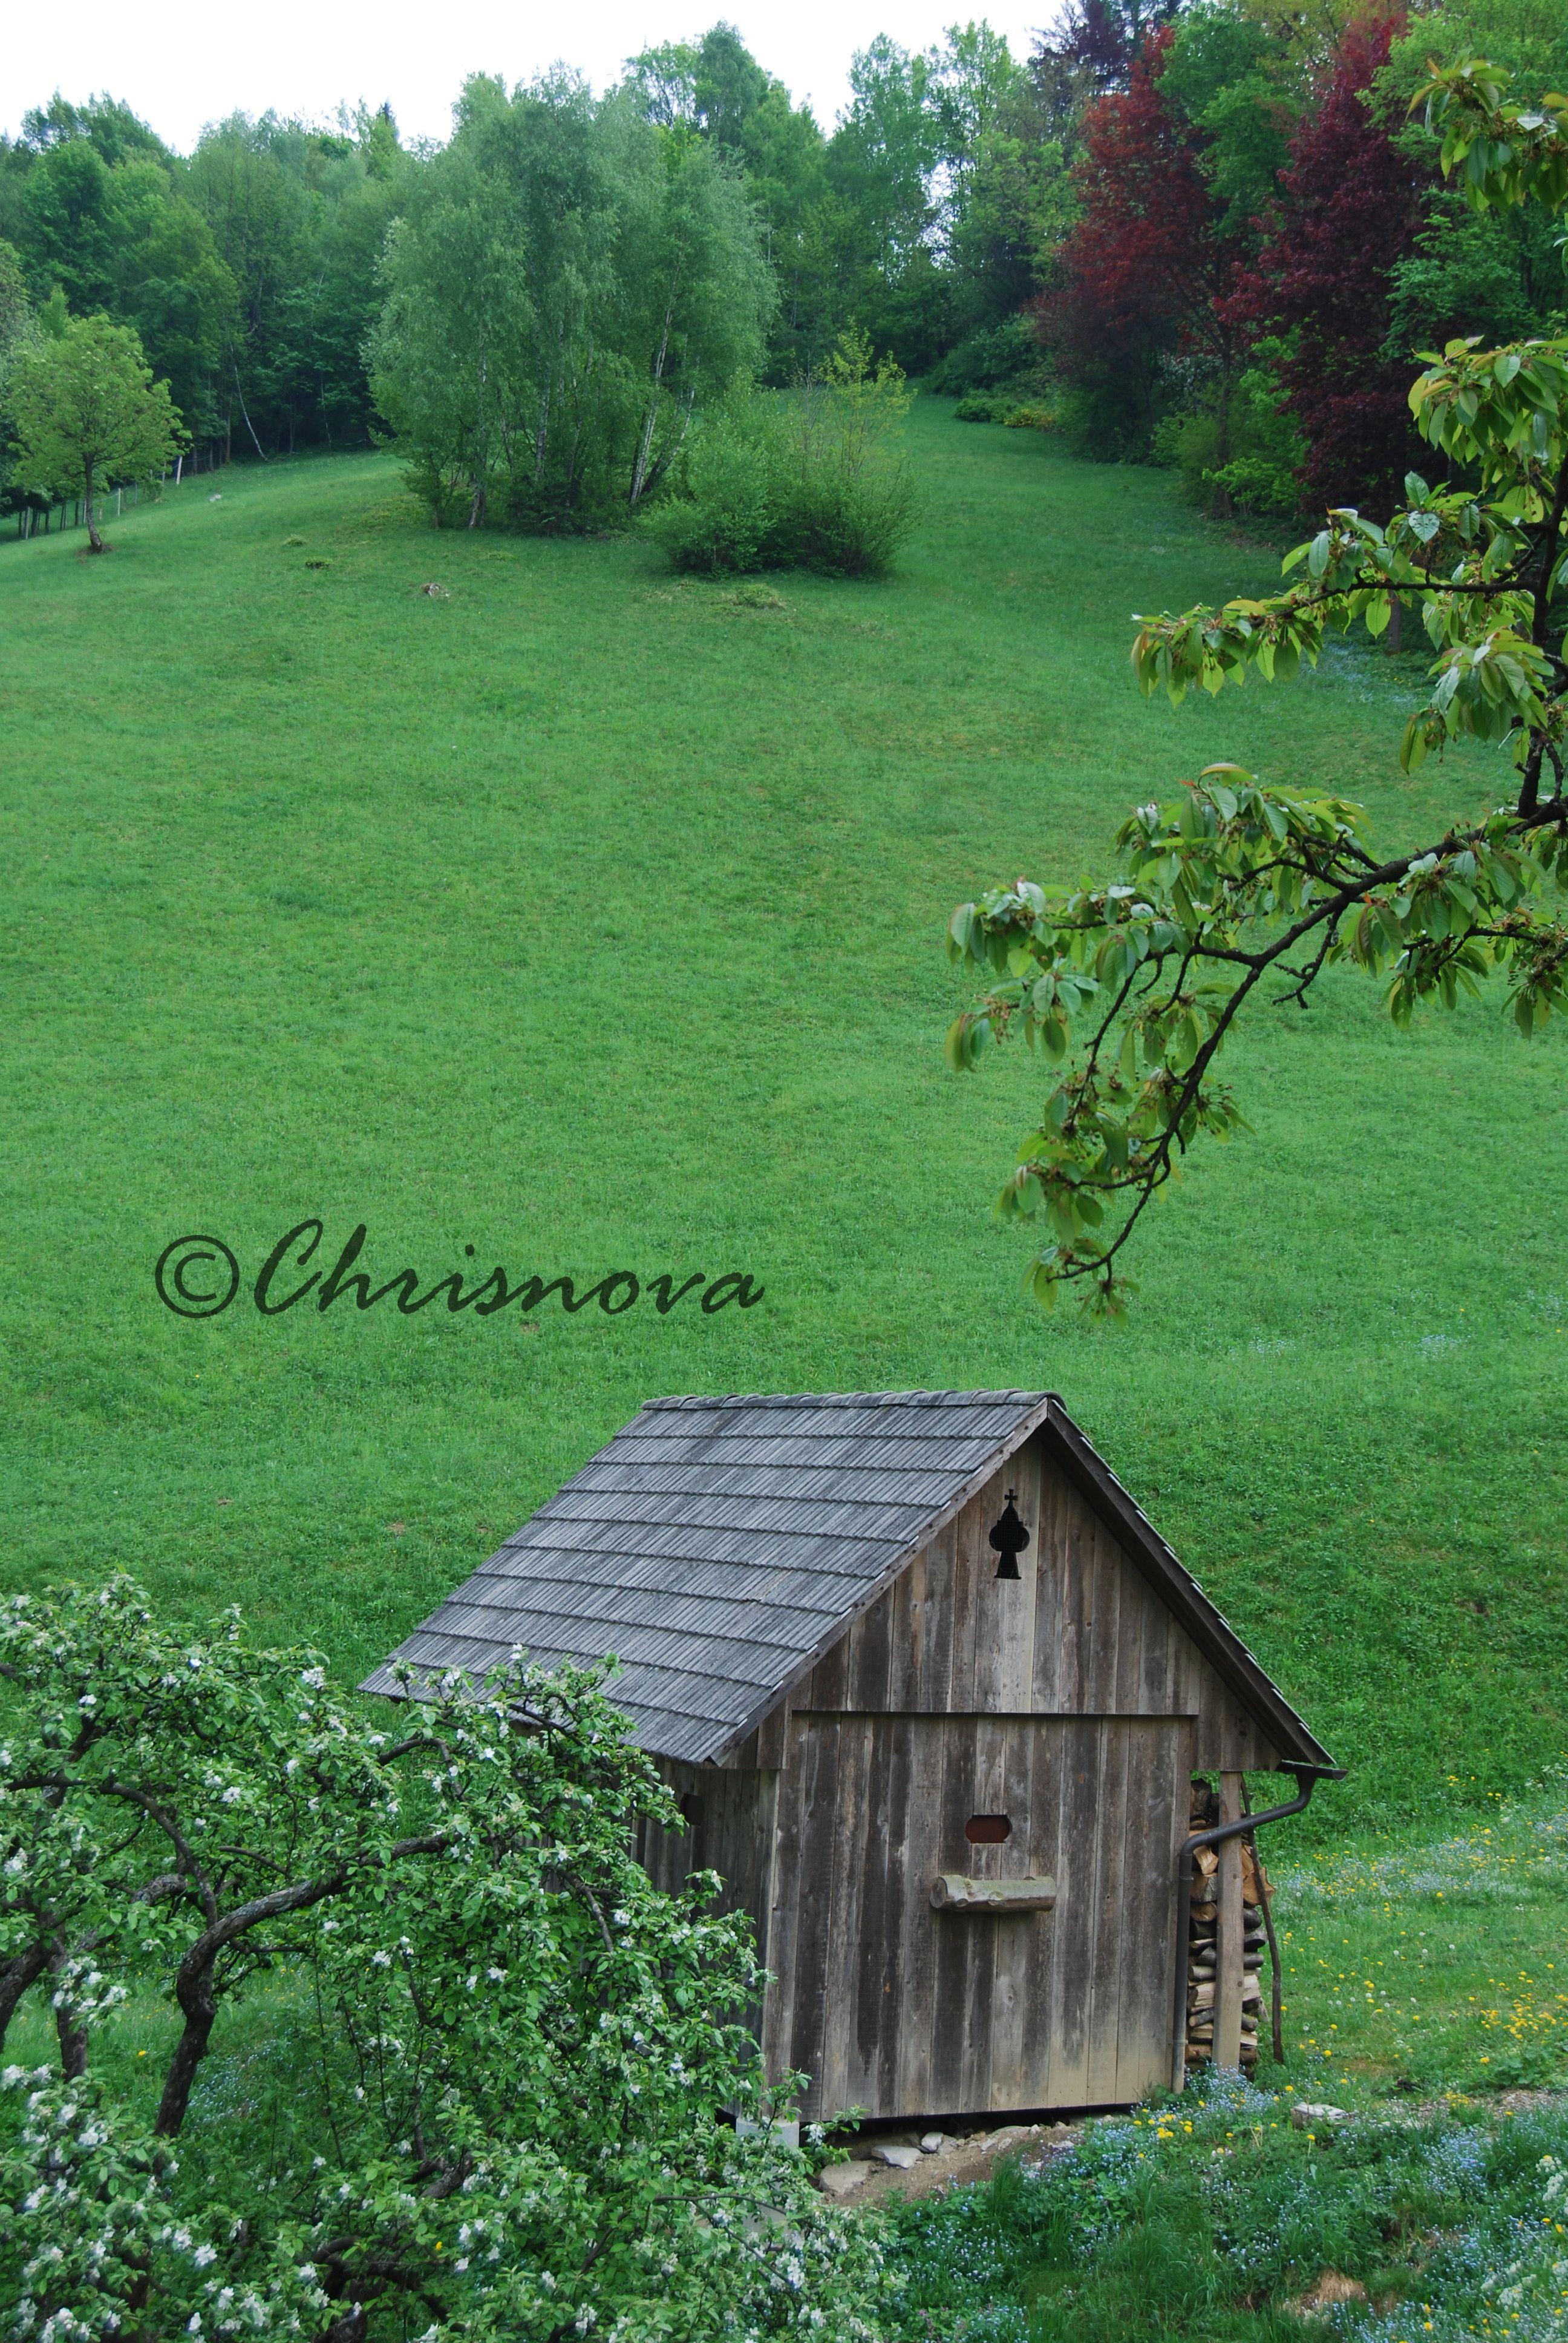 Photography Chrisnova